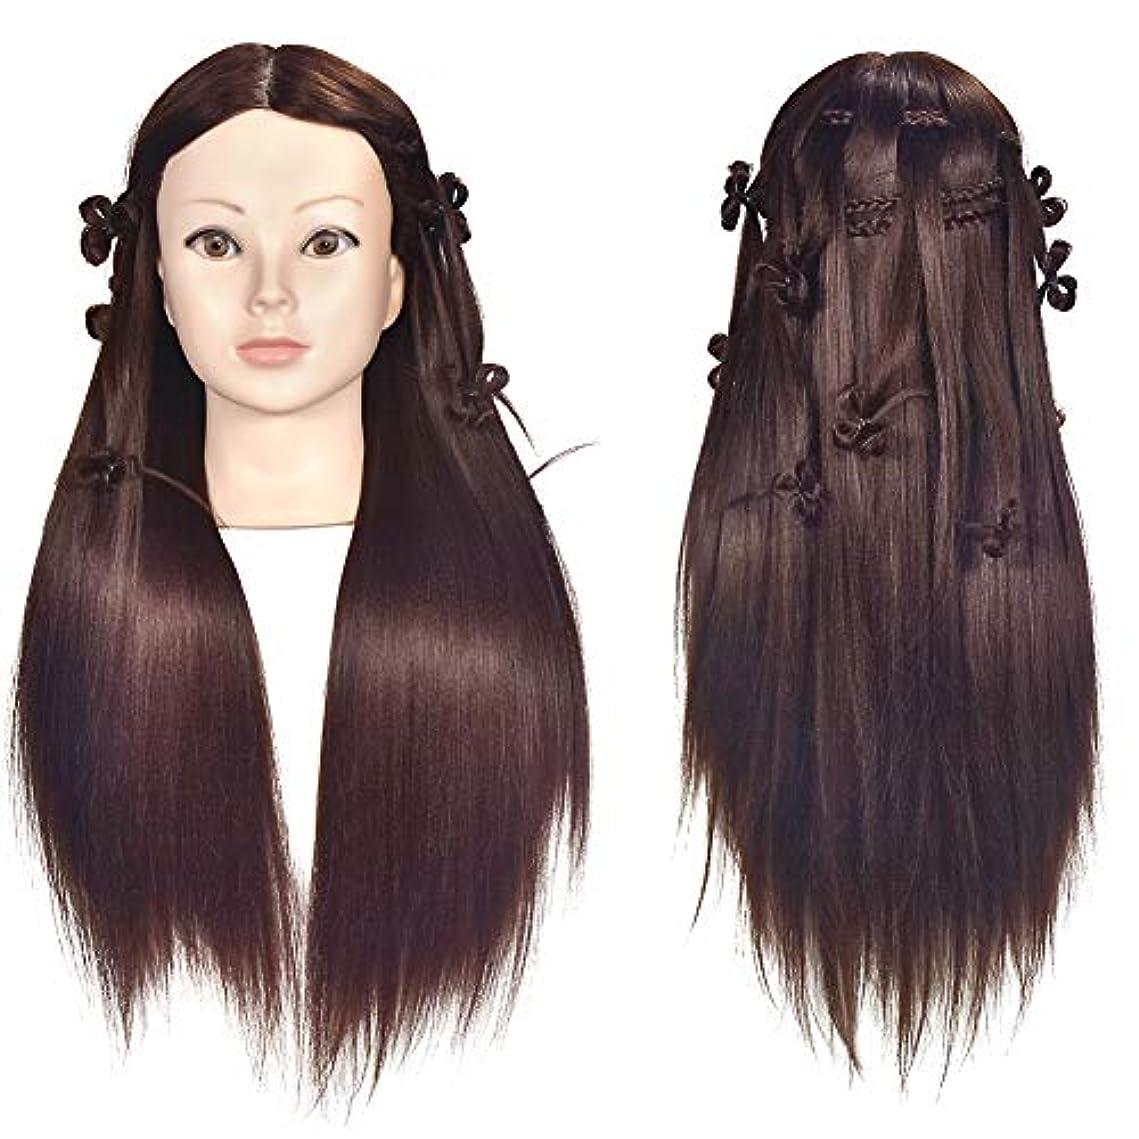 騒乱甘味キャメル練習用 編み込み練習用 ウィッグマネキンヘッド ヘアアクセサリーセット 美容室サロン 100%合成髪